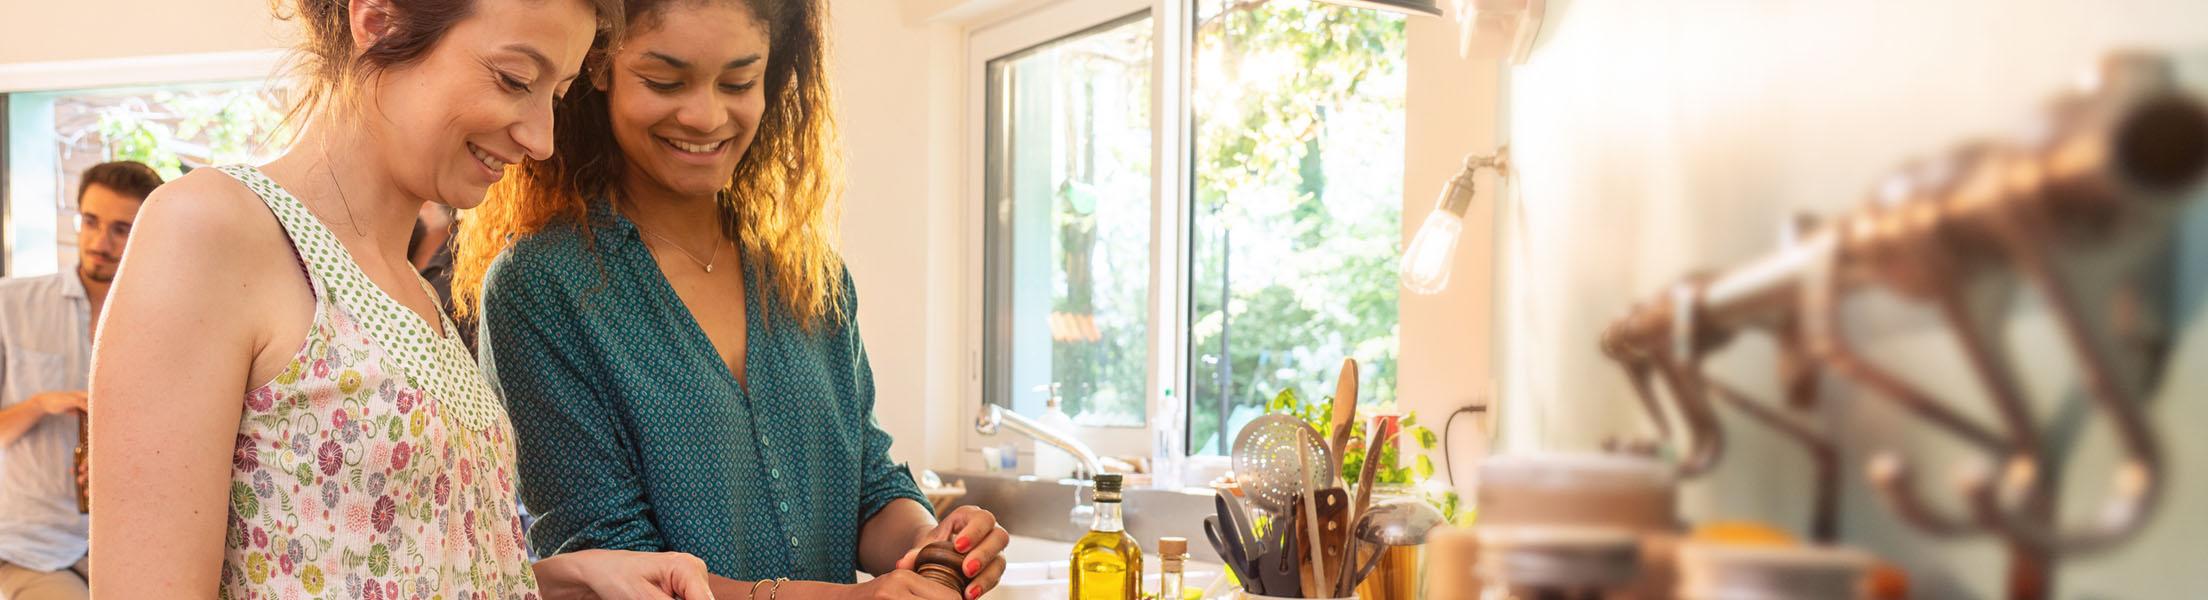 2 Frauen kochen gemeinsam in der WG-Küche.